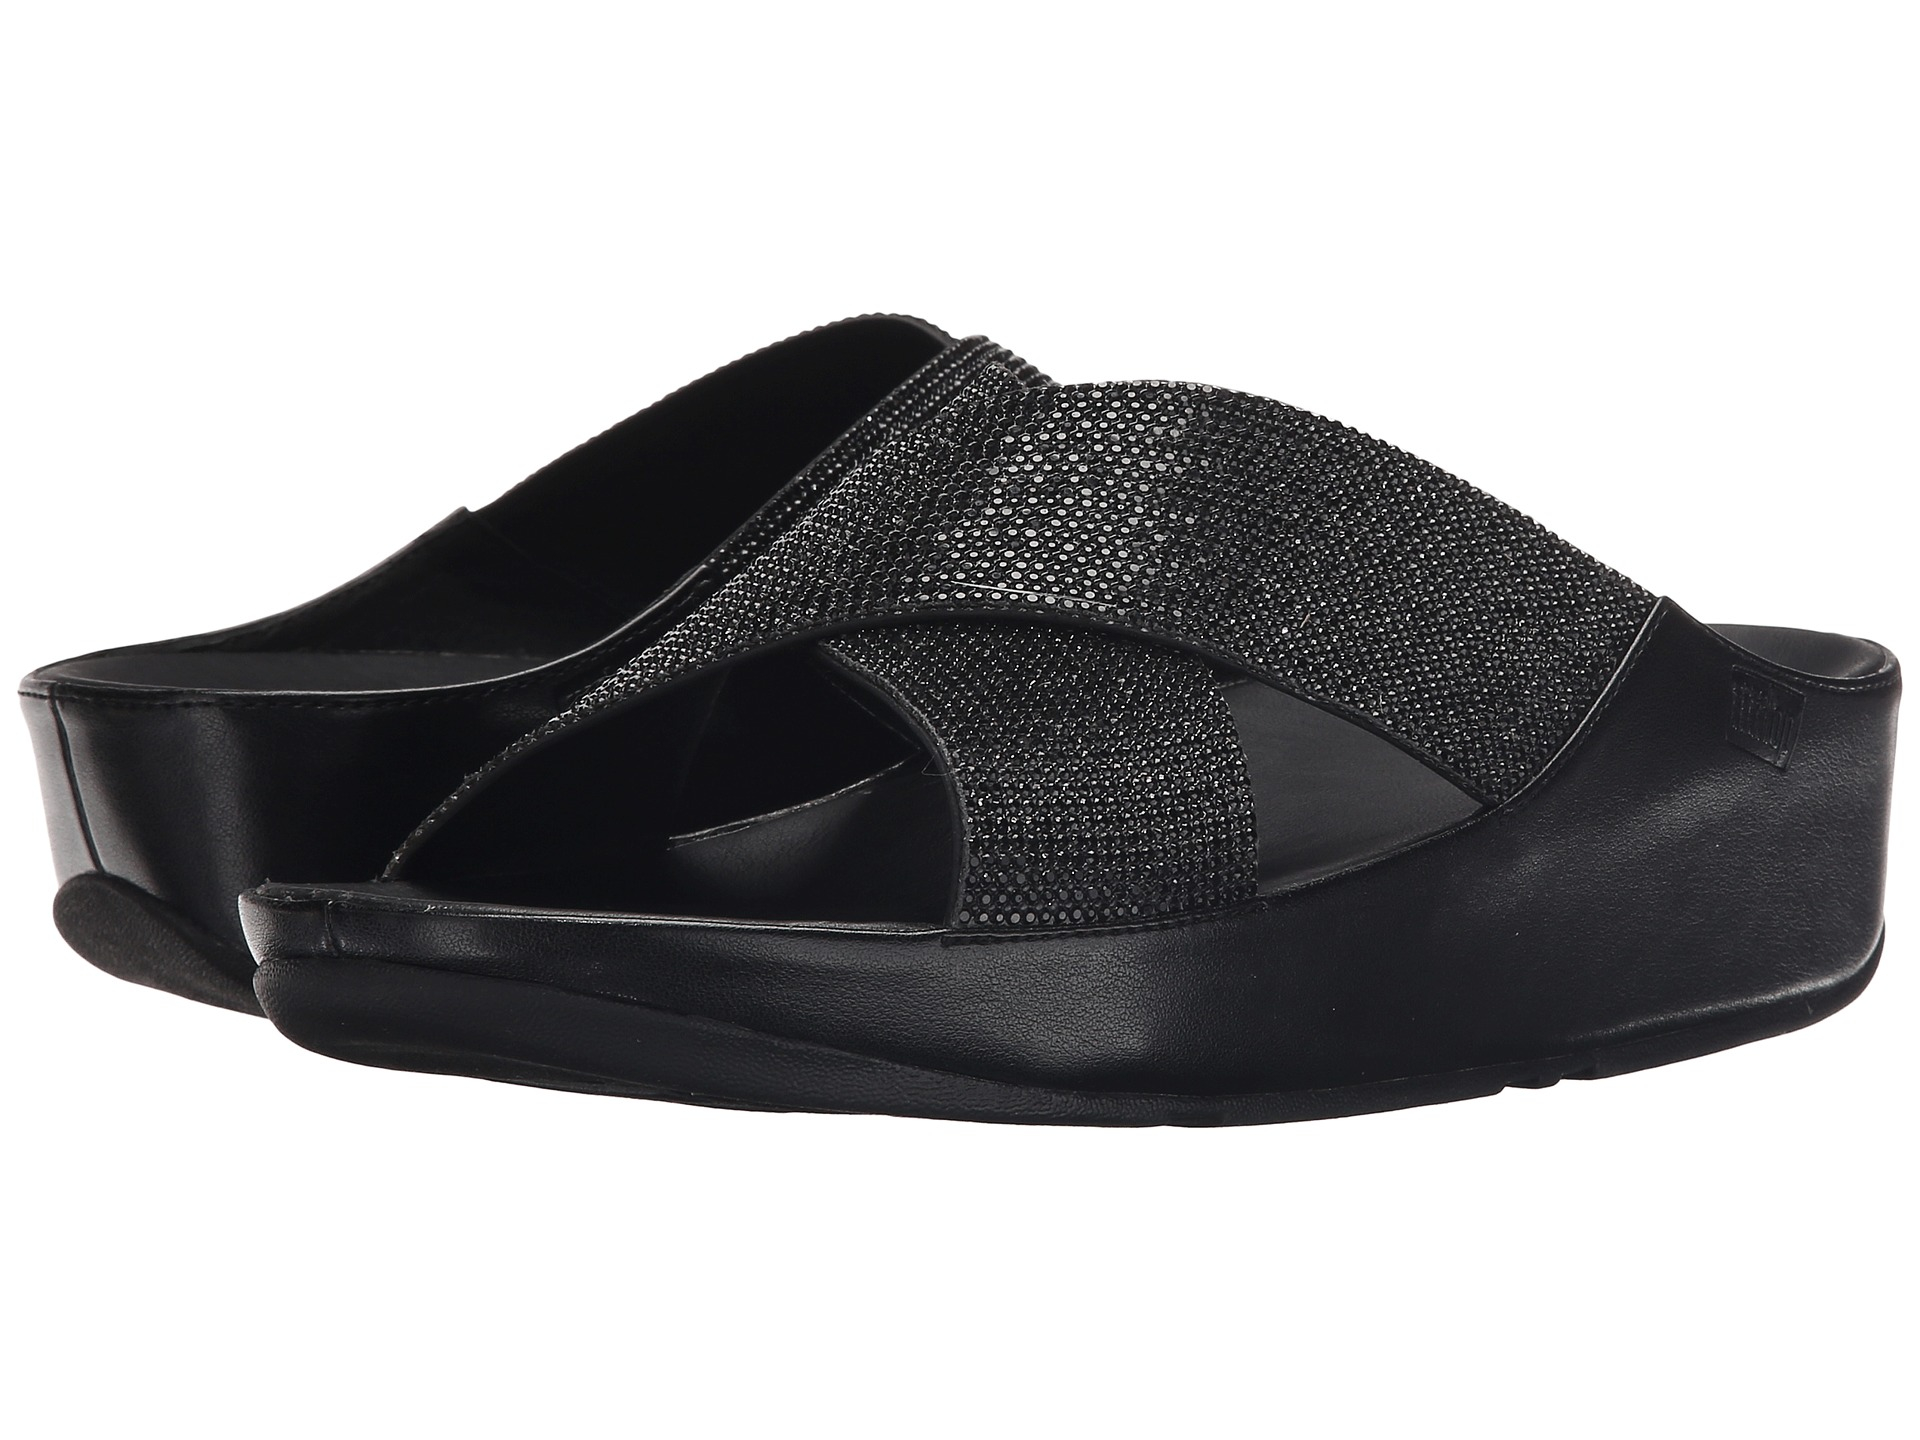 Precio increíblemente barato Crystall Slide - Black Último Barato Venta Low Shipping El más barato JYbGwKv